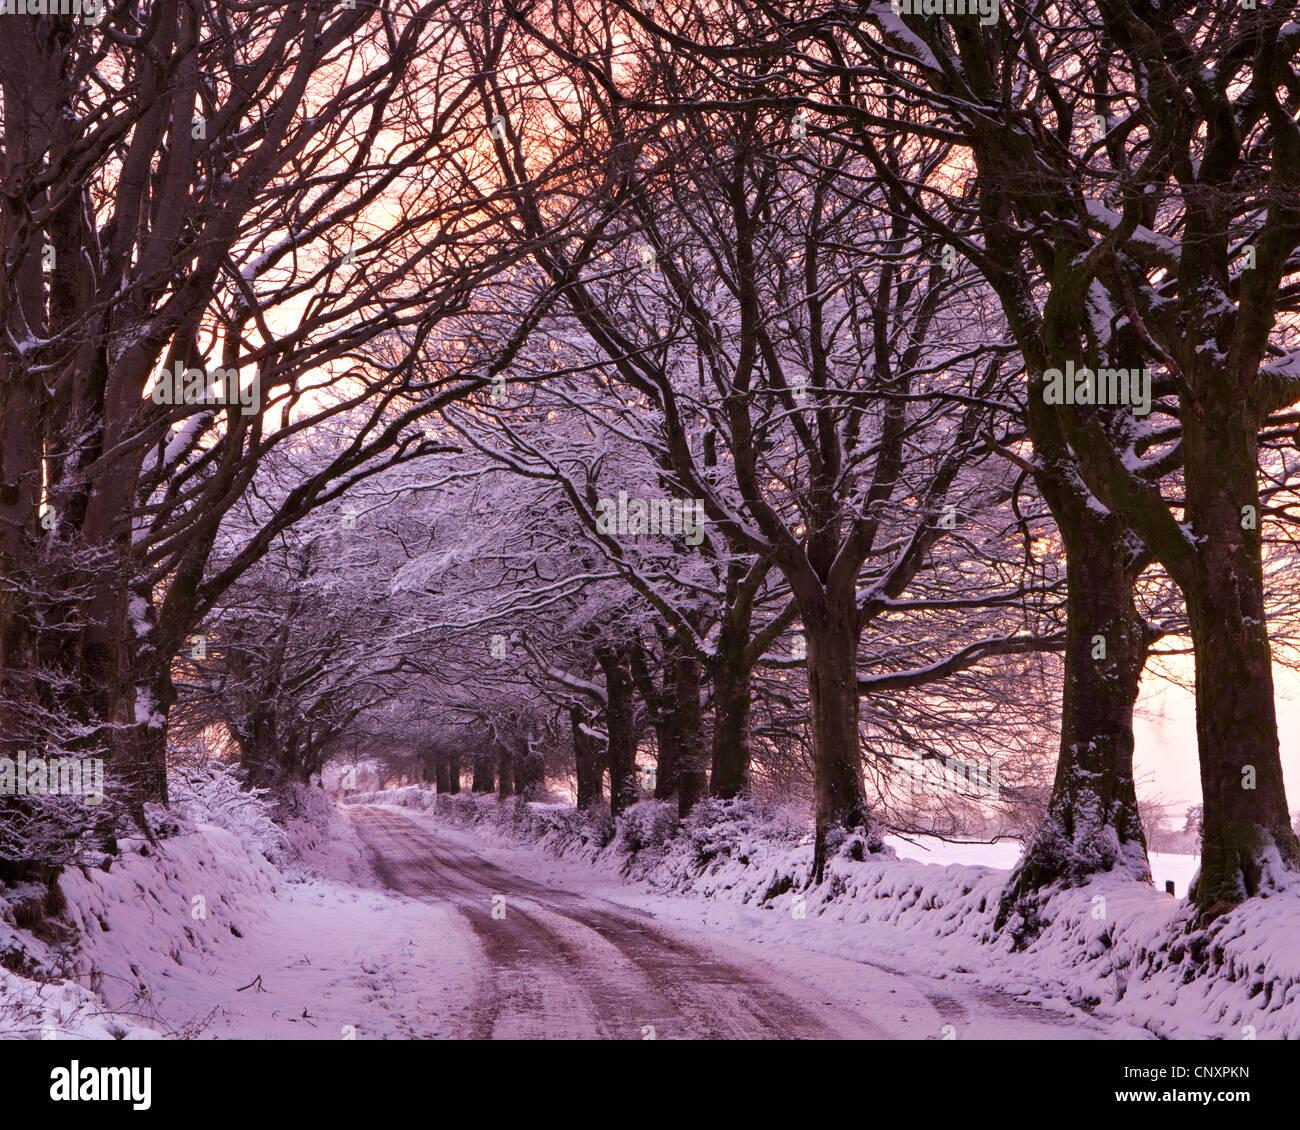 Lane arbolada en nieve, Exmoor, Somerset, Inglaterra. Invierno (enero de 2012). Foto de stock